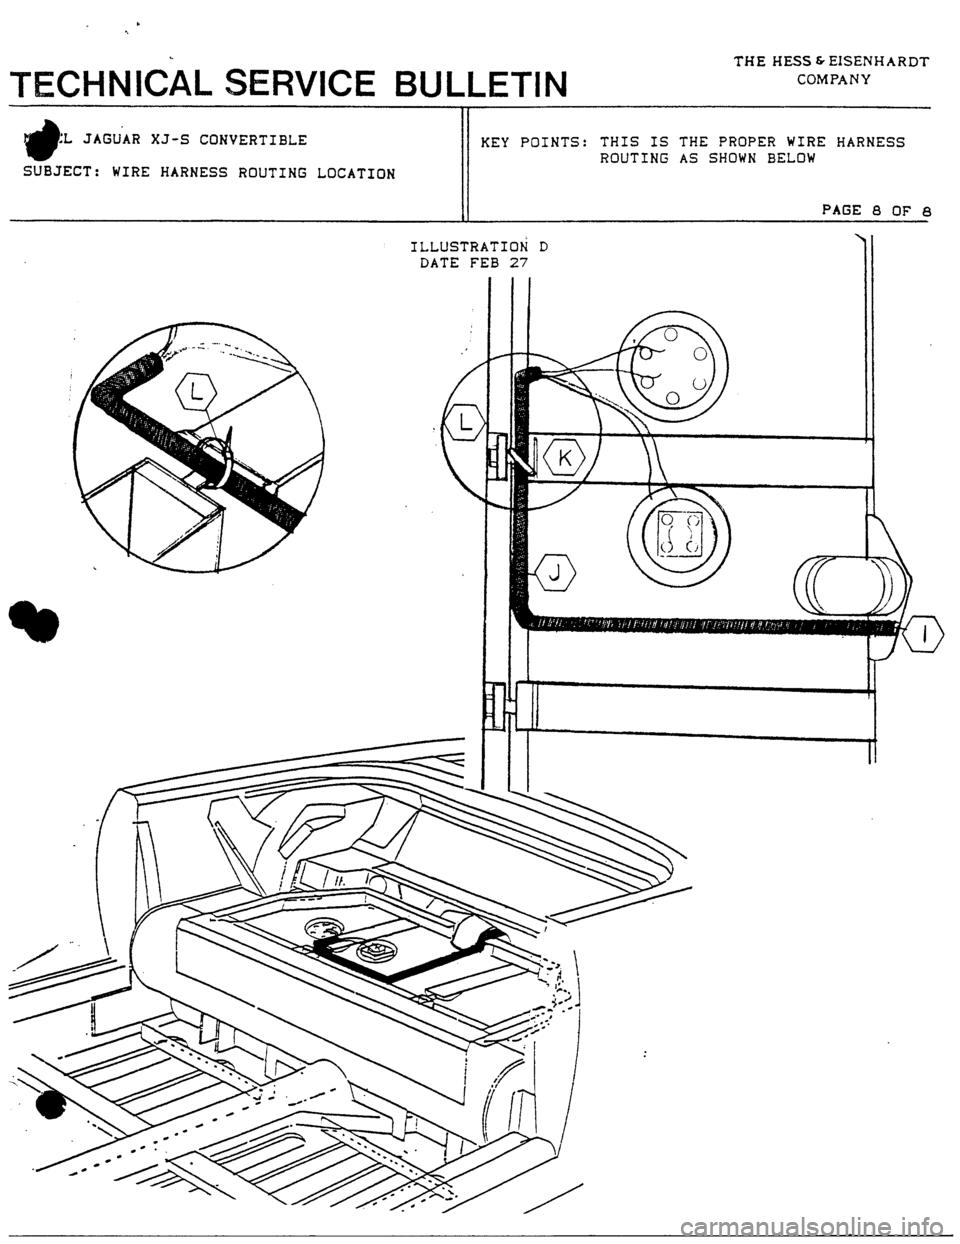 Jaguar Xjs 1980 1g Workshop Manual Xj6 Wiring Harness